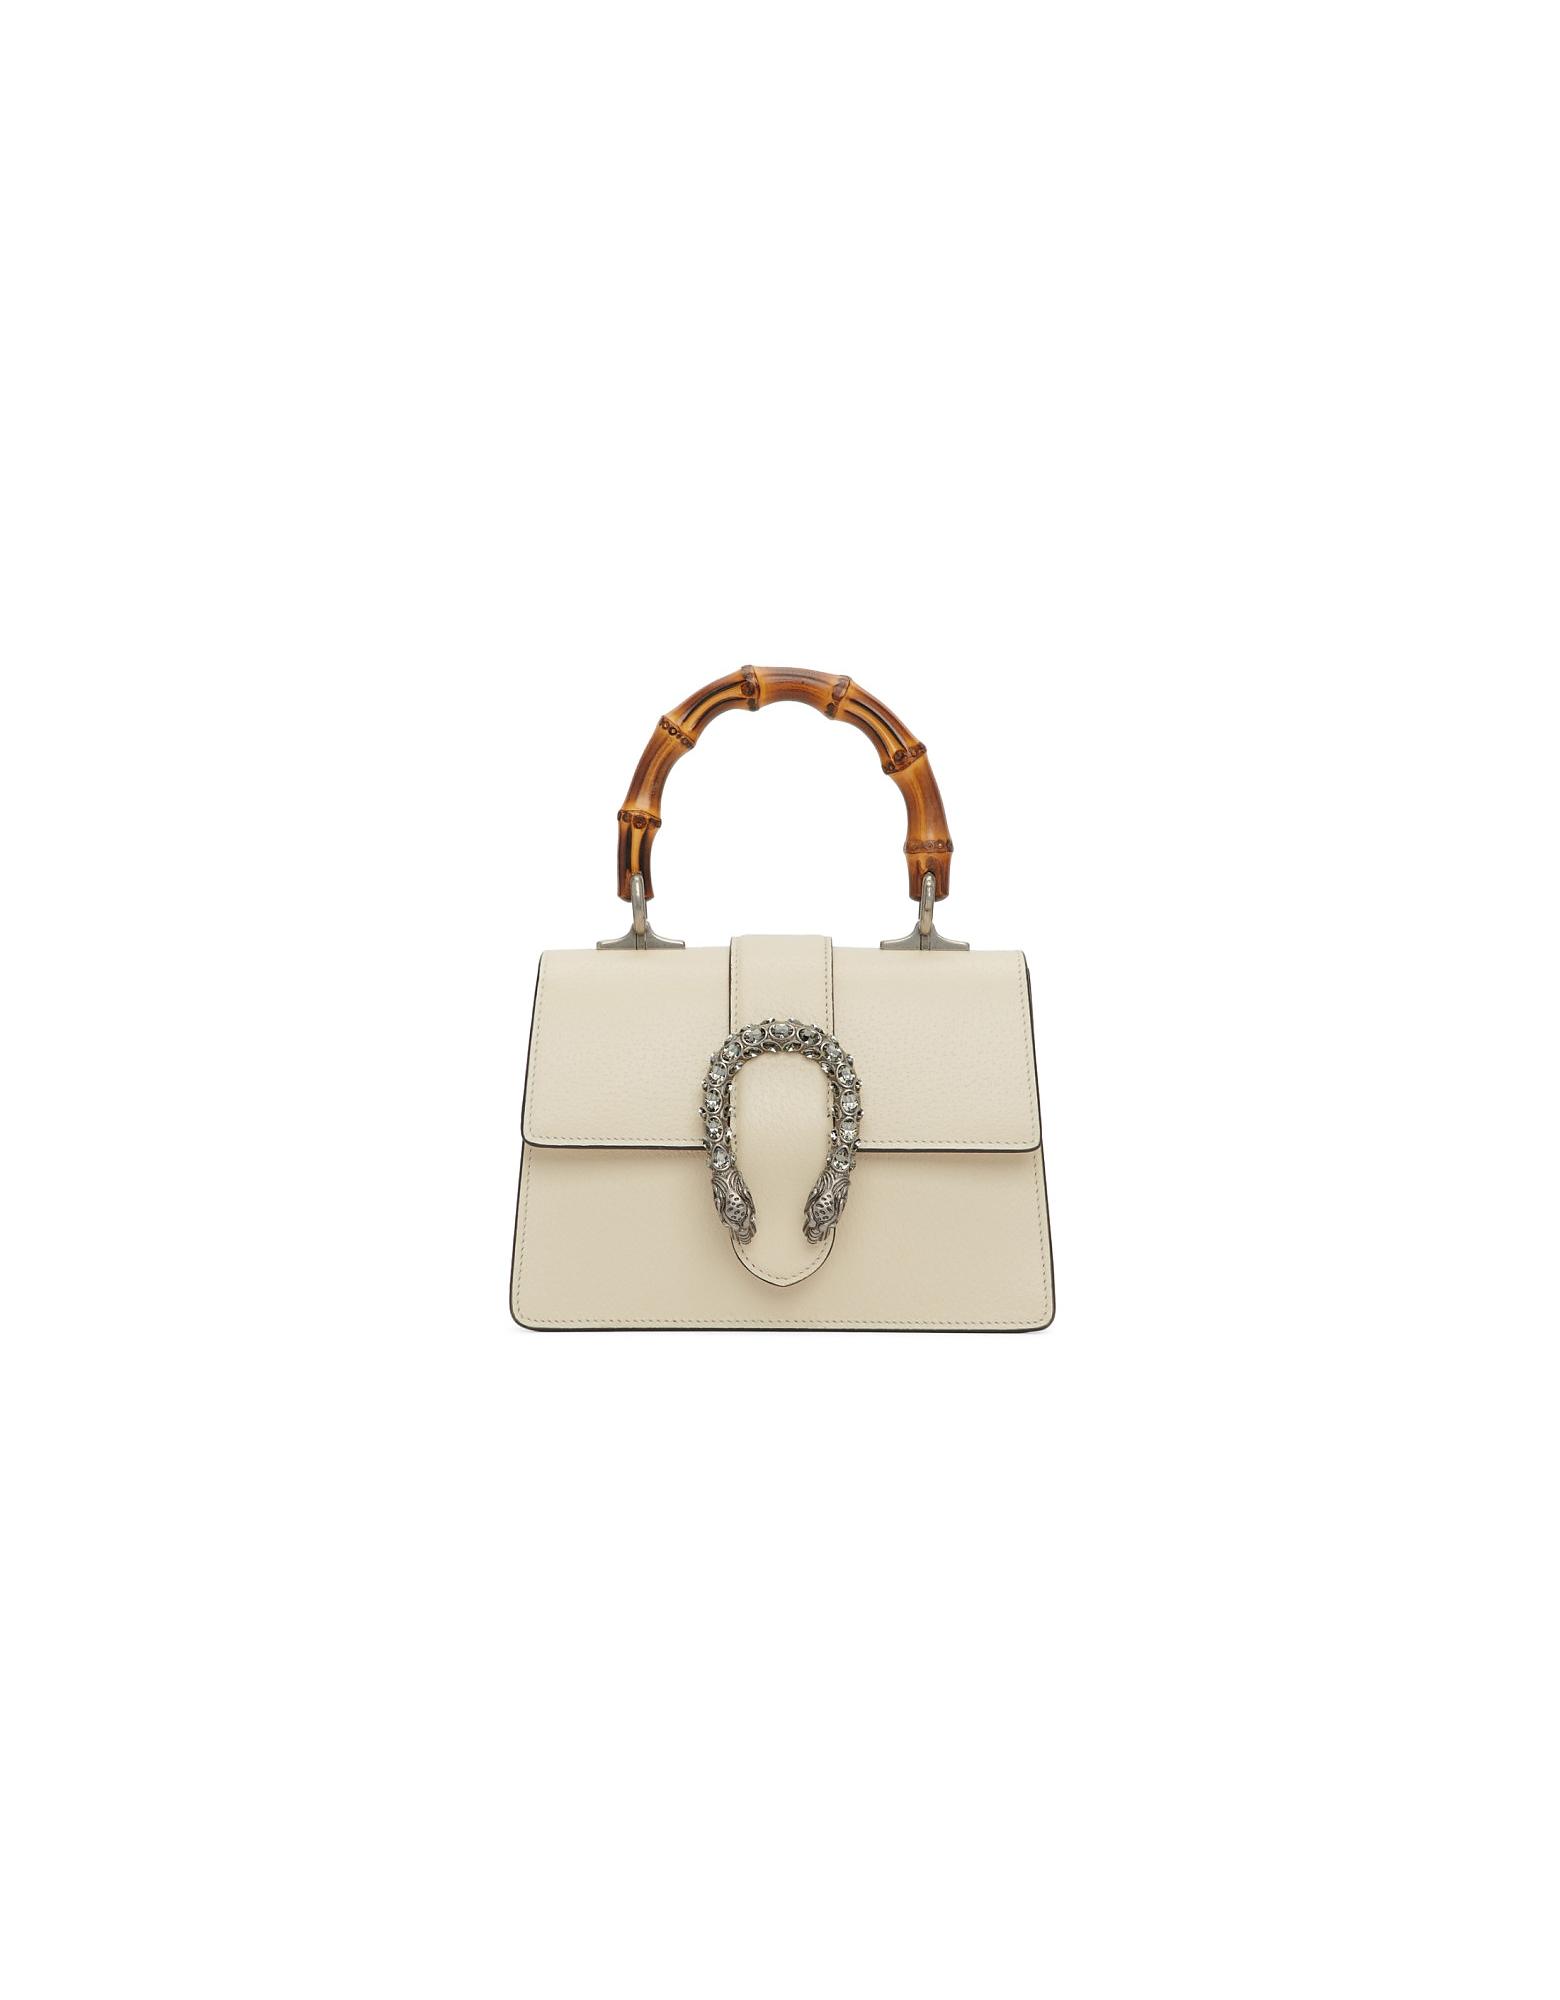 Gucci Designer Handbags, White Mini Dionysus Top Handle Bag